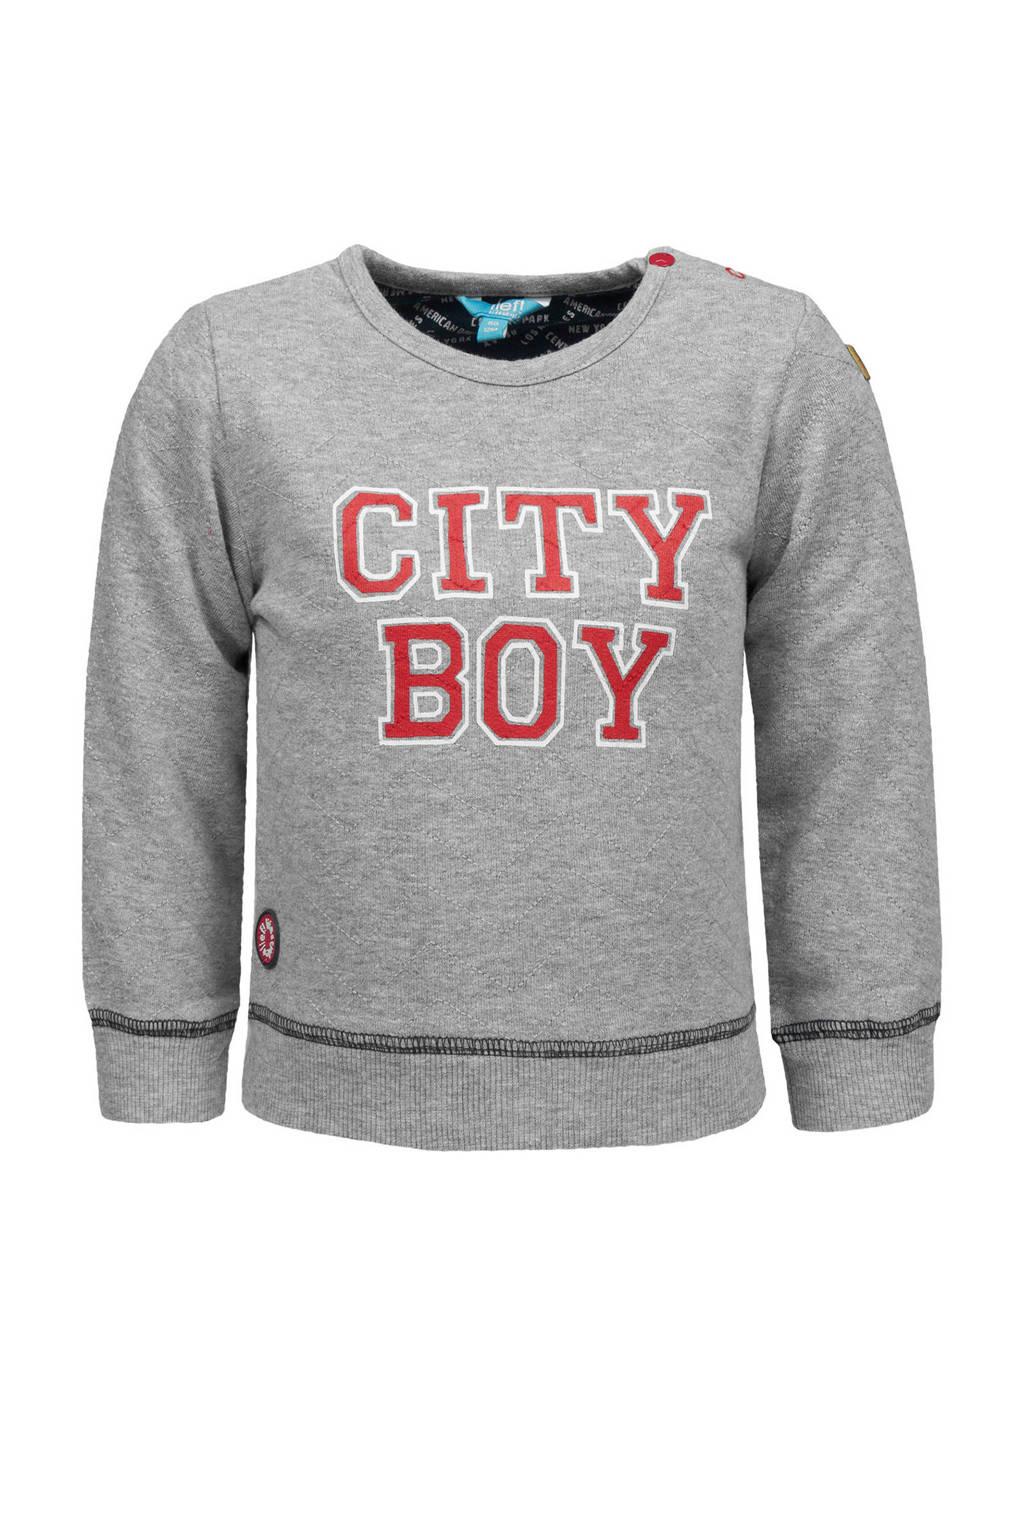 lief! sweater met tekst grijs, Grijs melange/rood